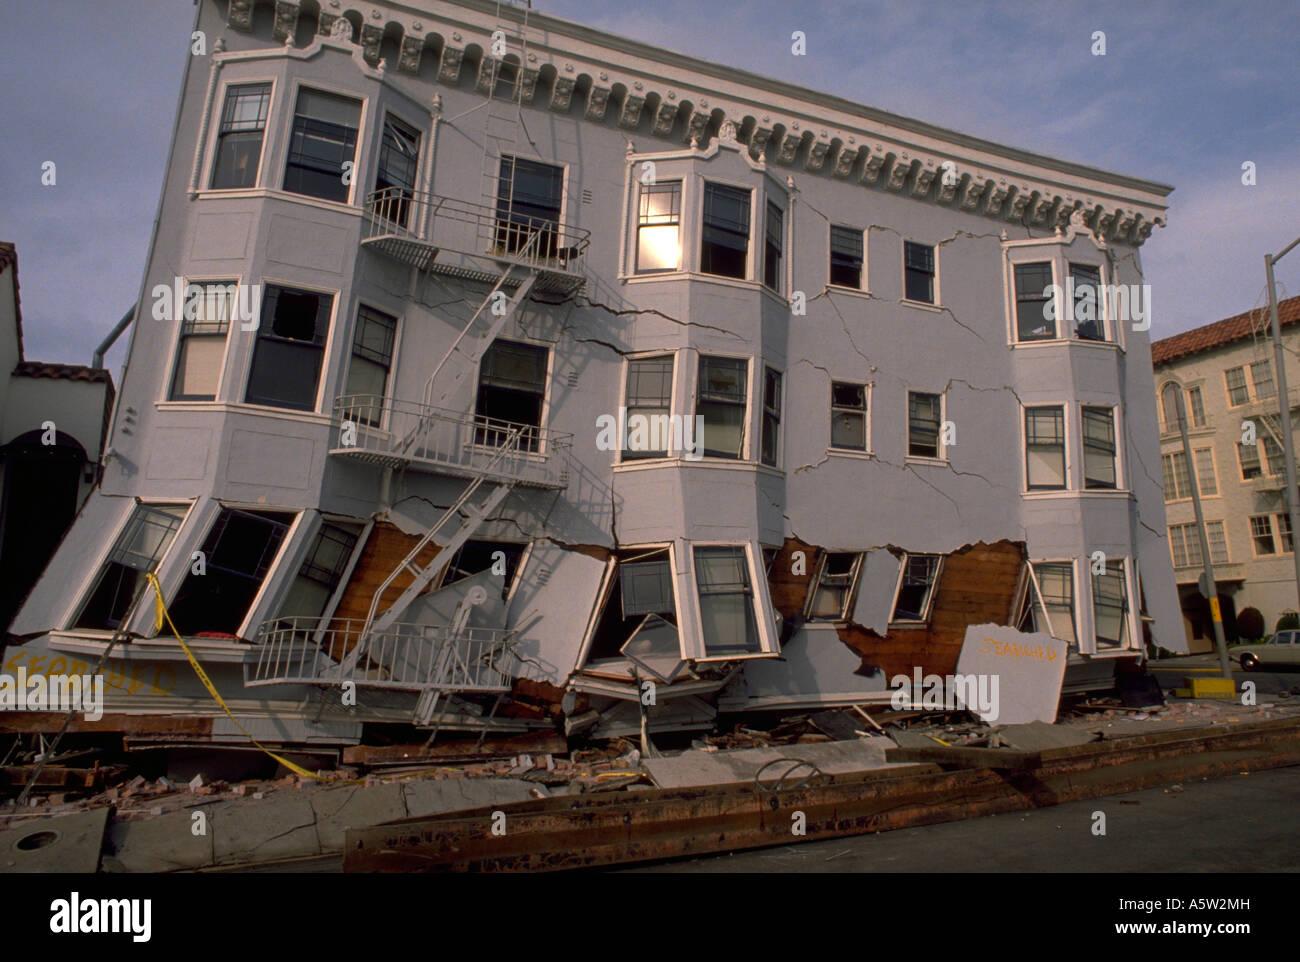 Painet Hl1108 Stürzte Gebäude 1989 Sf Erdbeben San Francisco